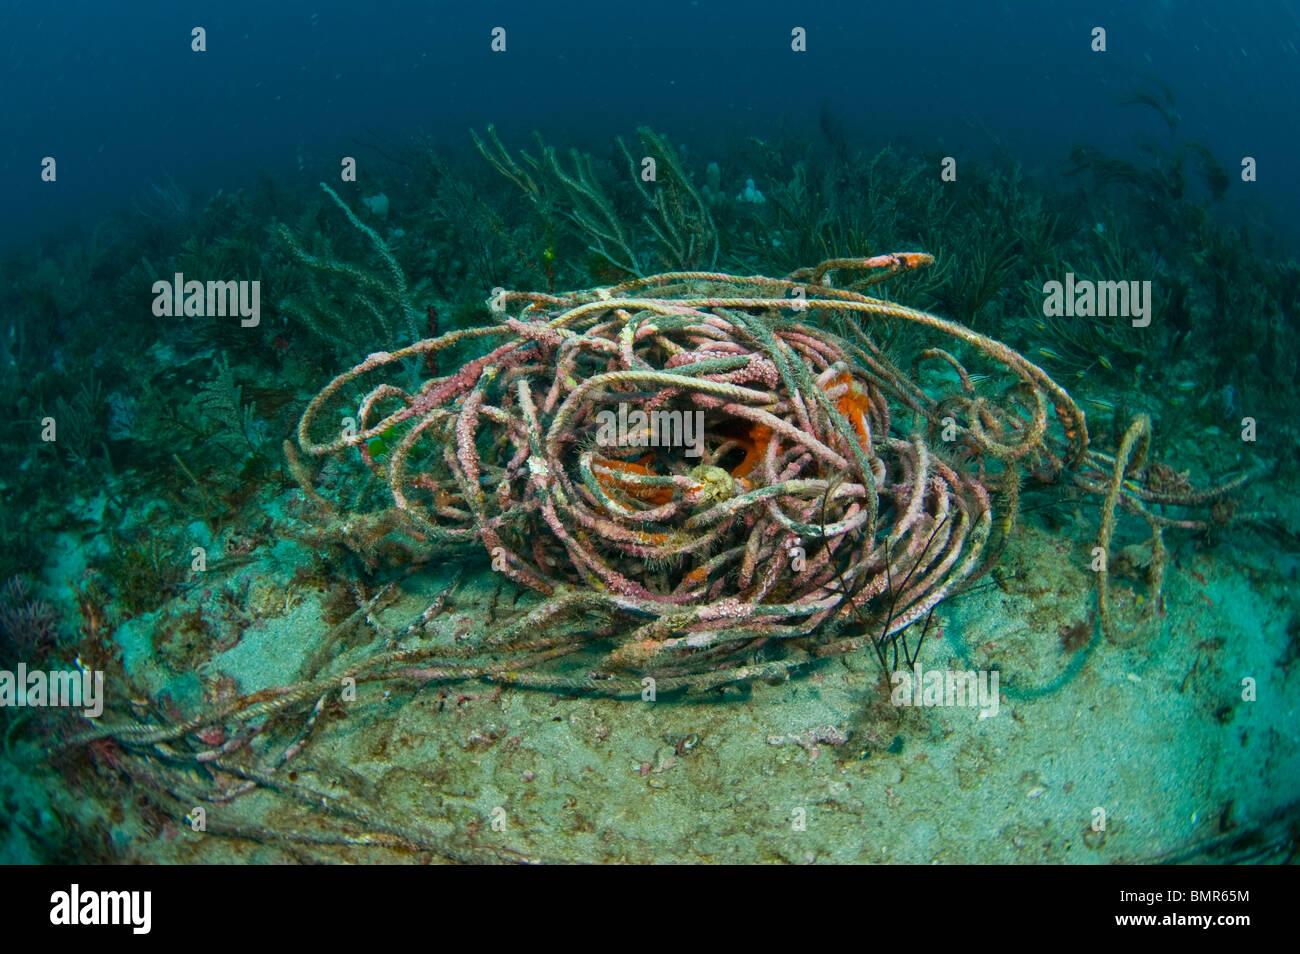 Descarta la soga que cubrían el arrecife de coral en Palm Beach, FL. Cuerda de pescar y atrapar, mutilan y Imagen De Stock